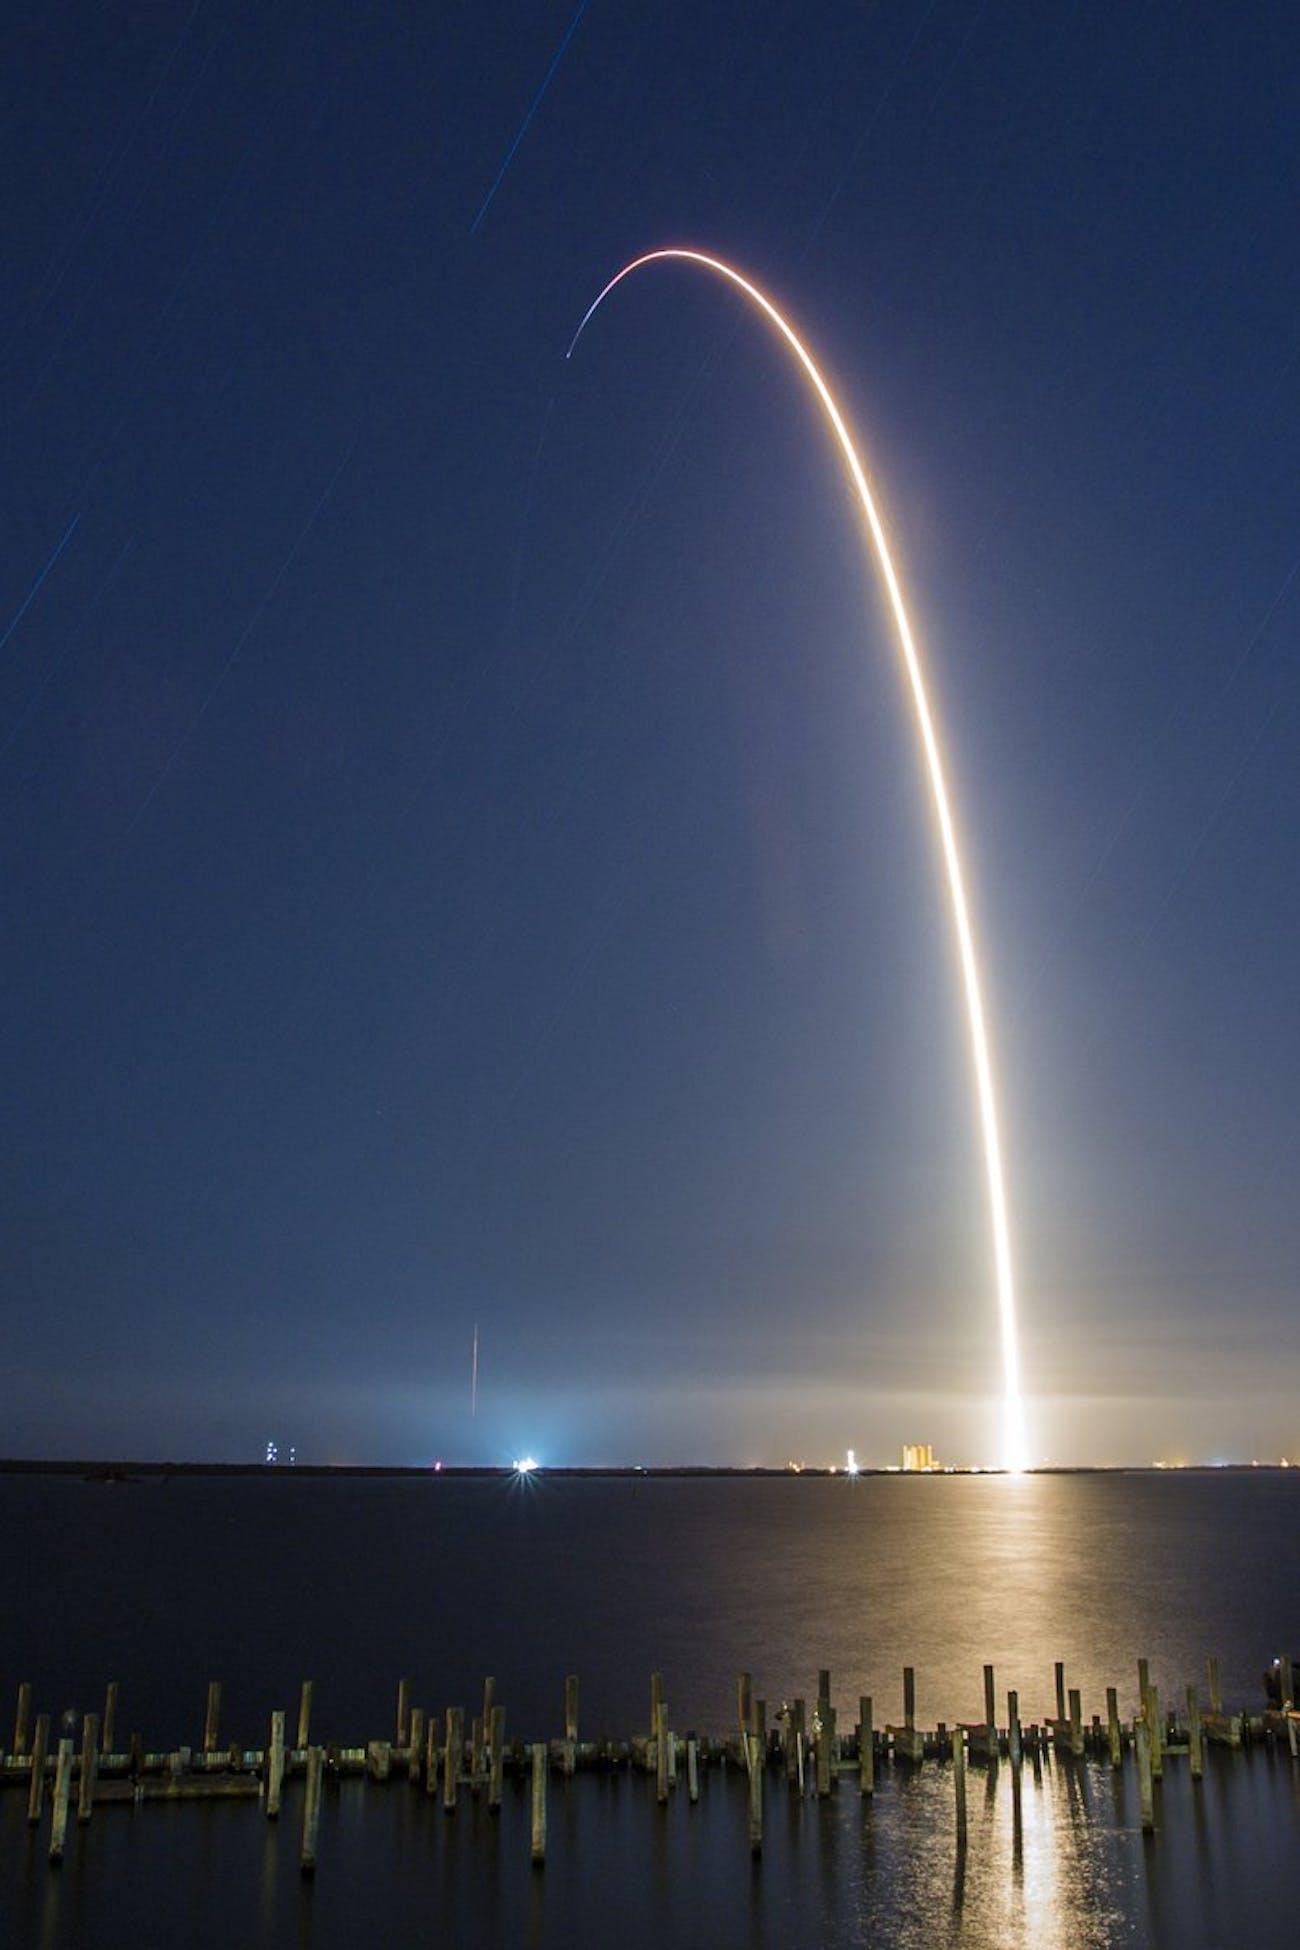 SpaceX's Merah Putih rocket taking off.